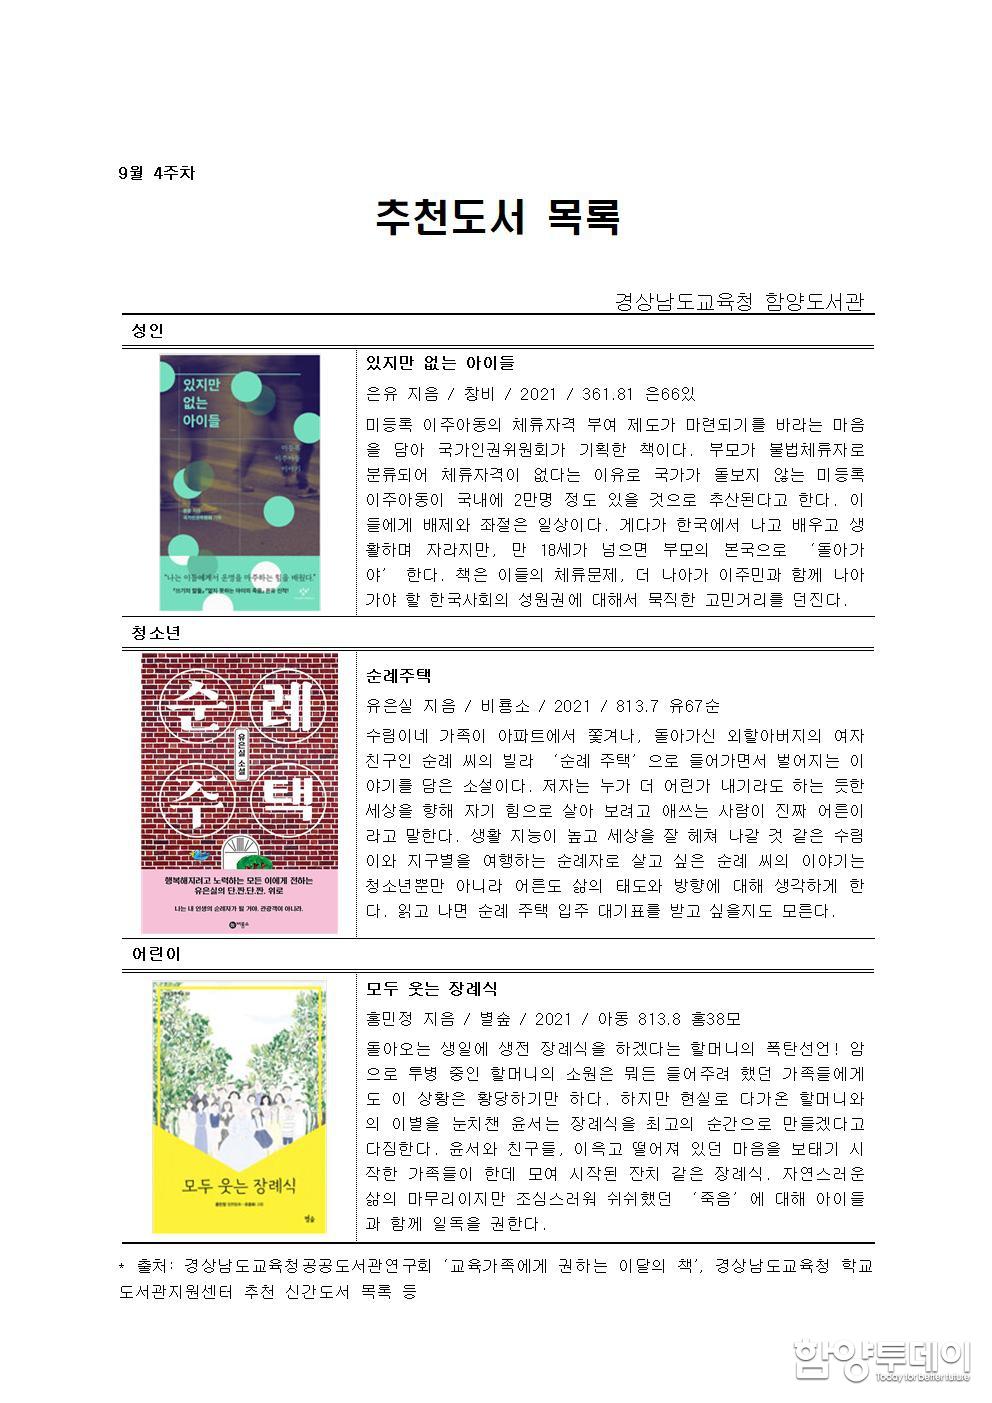 [함양도서관 추천도서] 9월